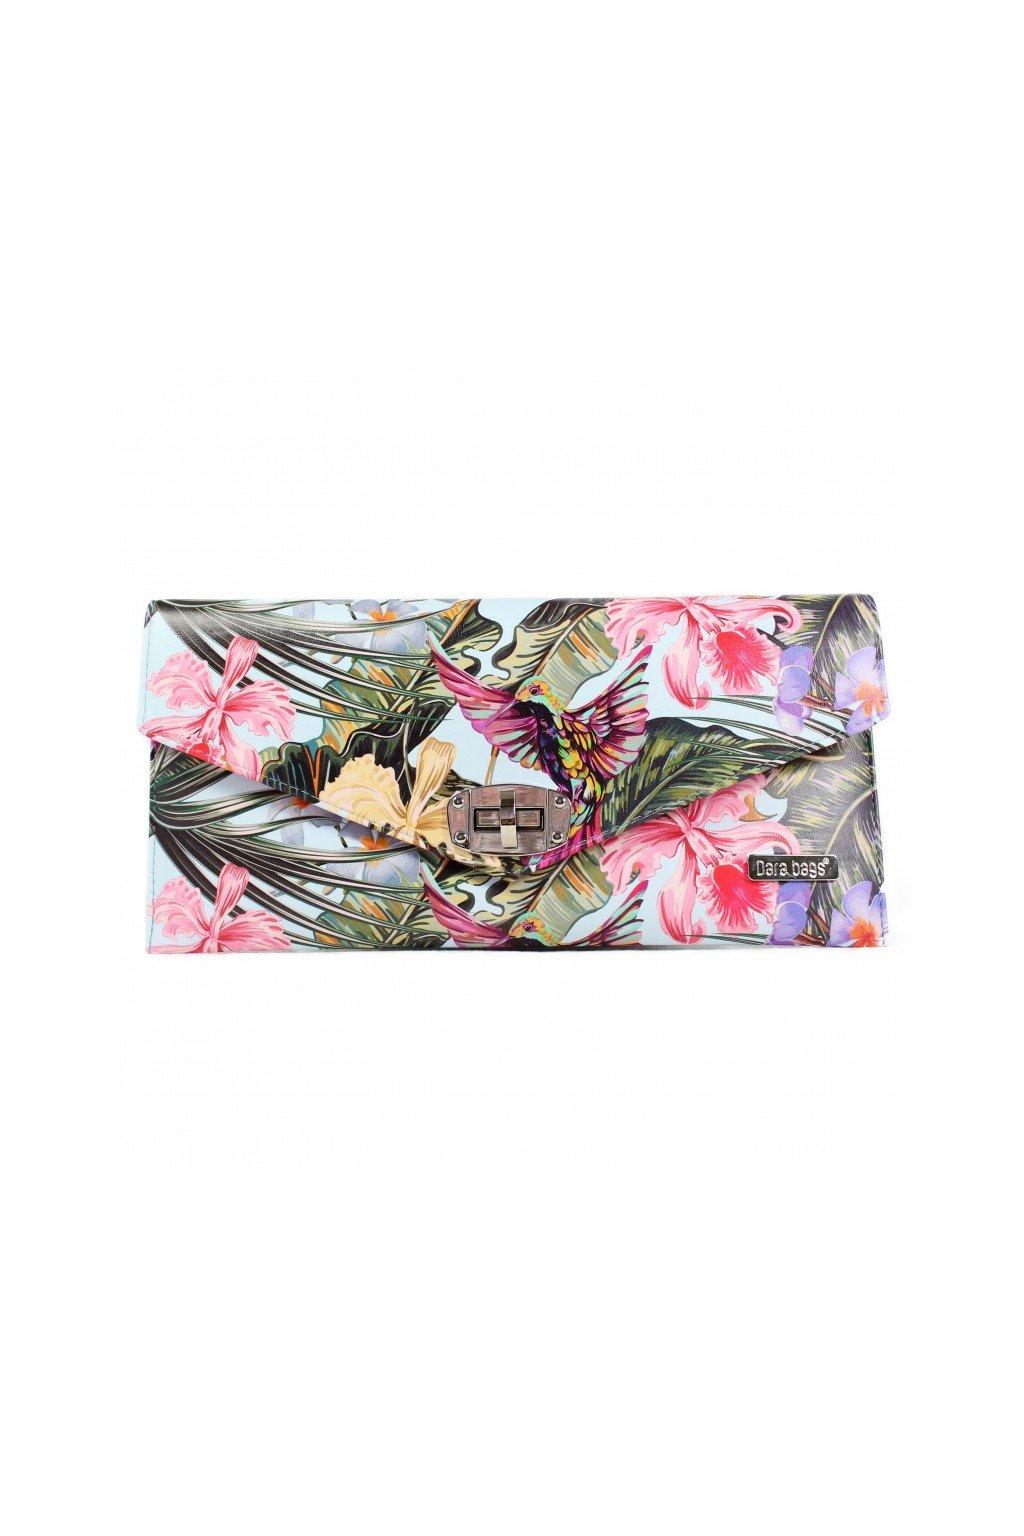 Pestrobarevná květinová kabelka Malibu Classy zelená 1